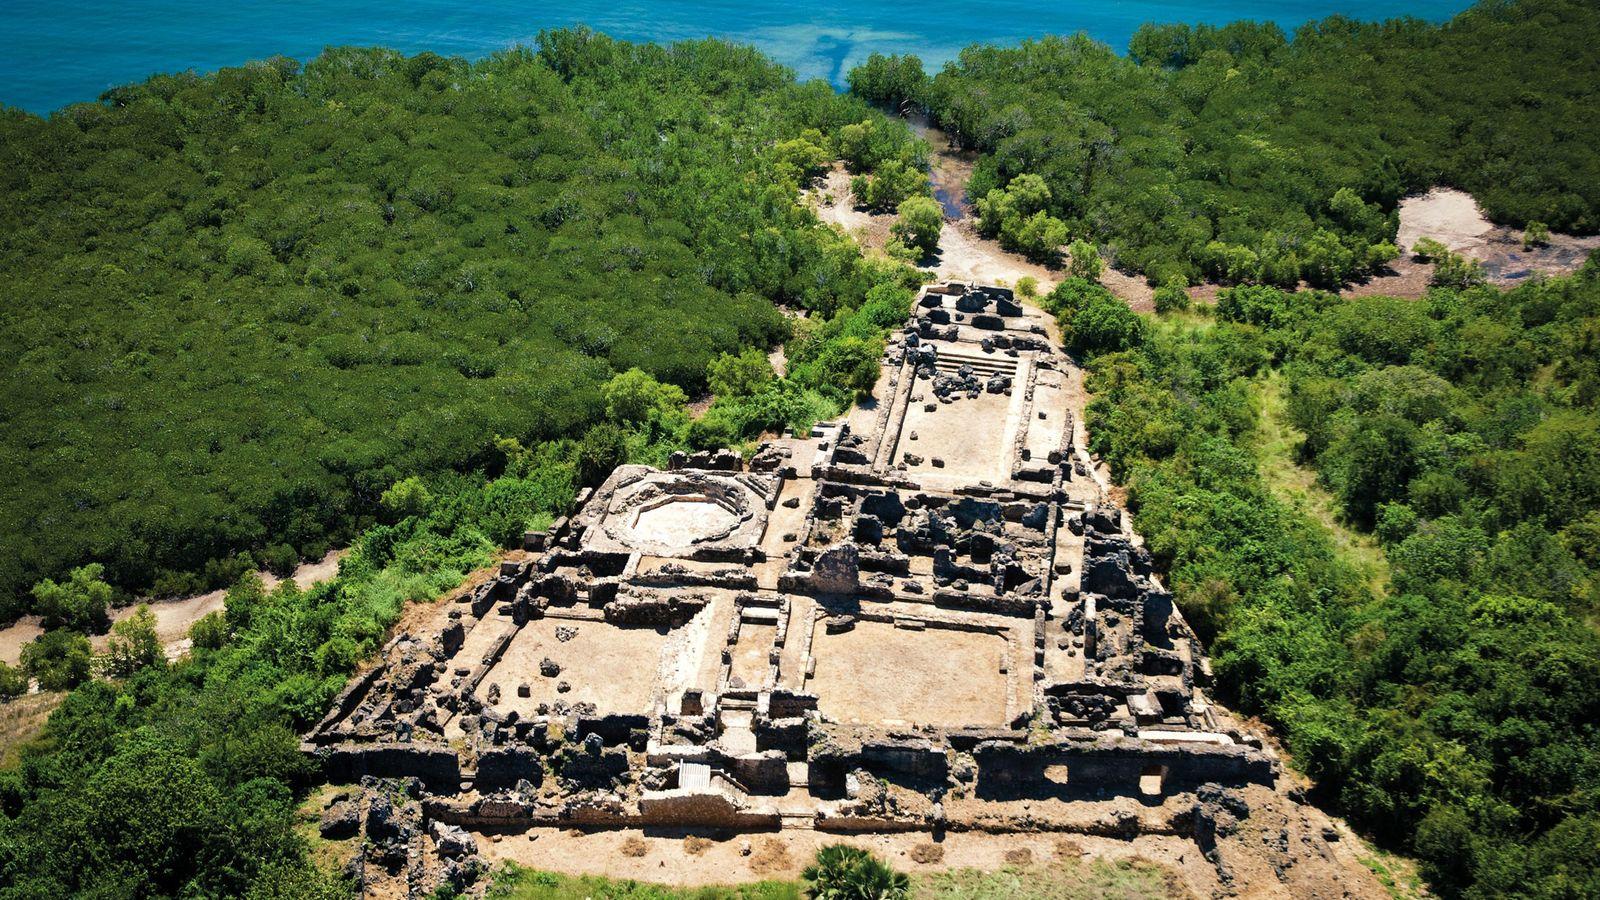 Les ruines du Husuni Kubwa, le palais fortifié de Kilwa, en Tanzanie, surplombent l'océan Indien.La résidence ...